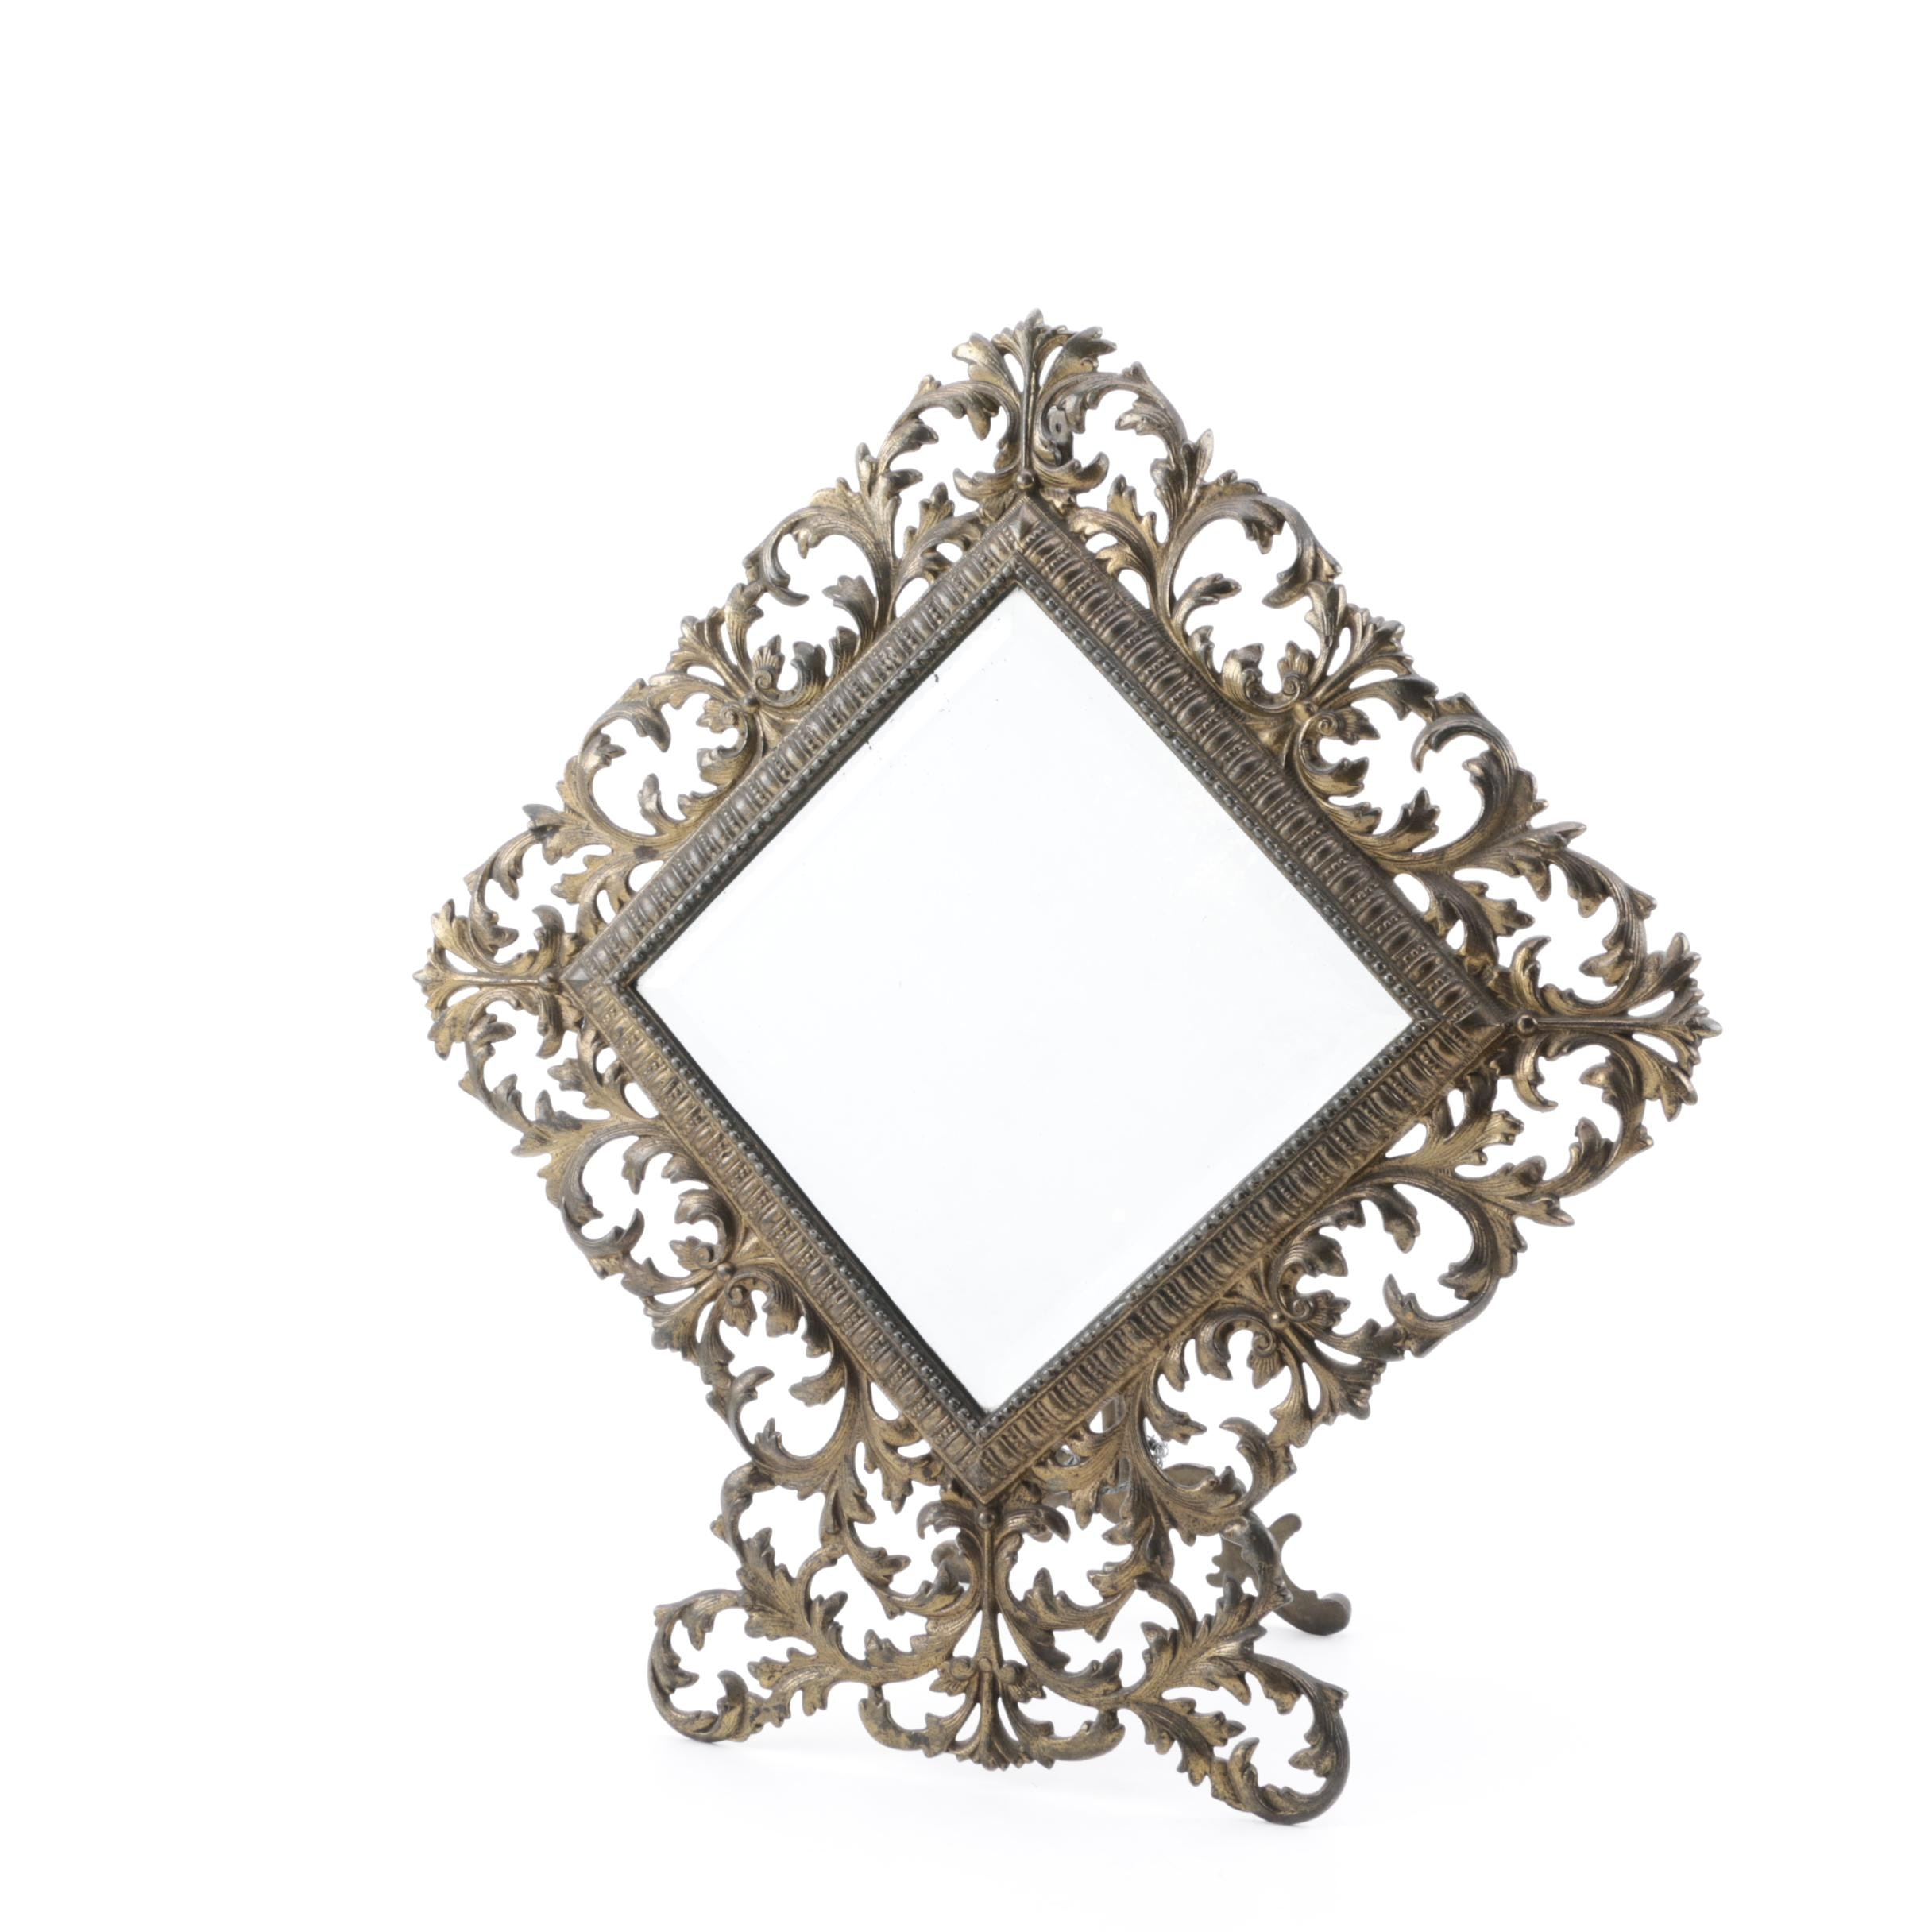 Vintage Metal Filigree Table Mirror